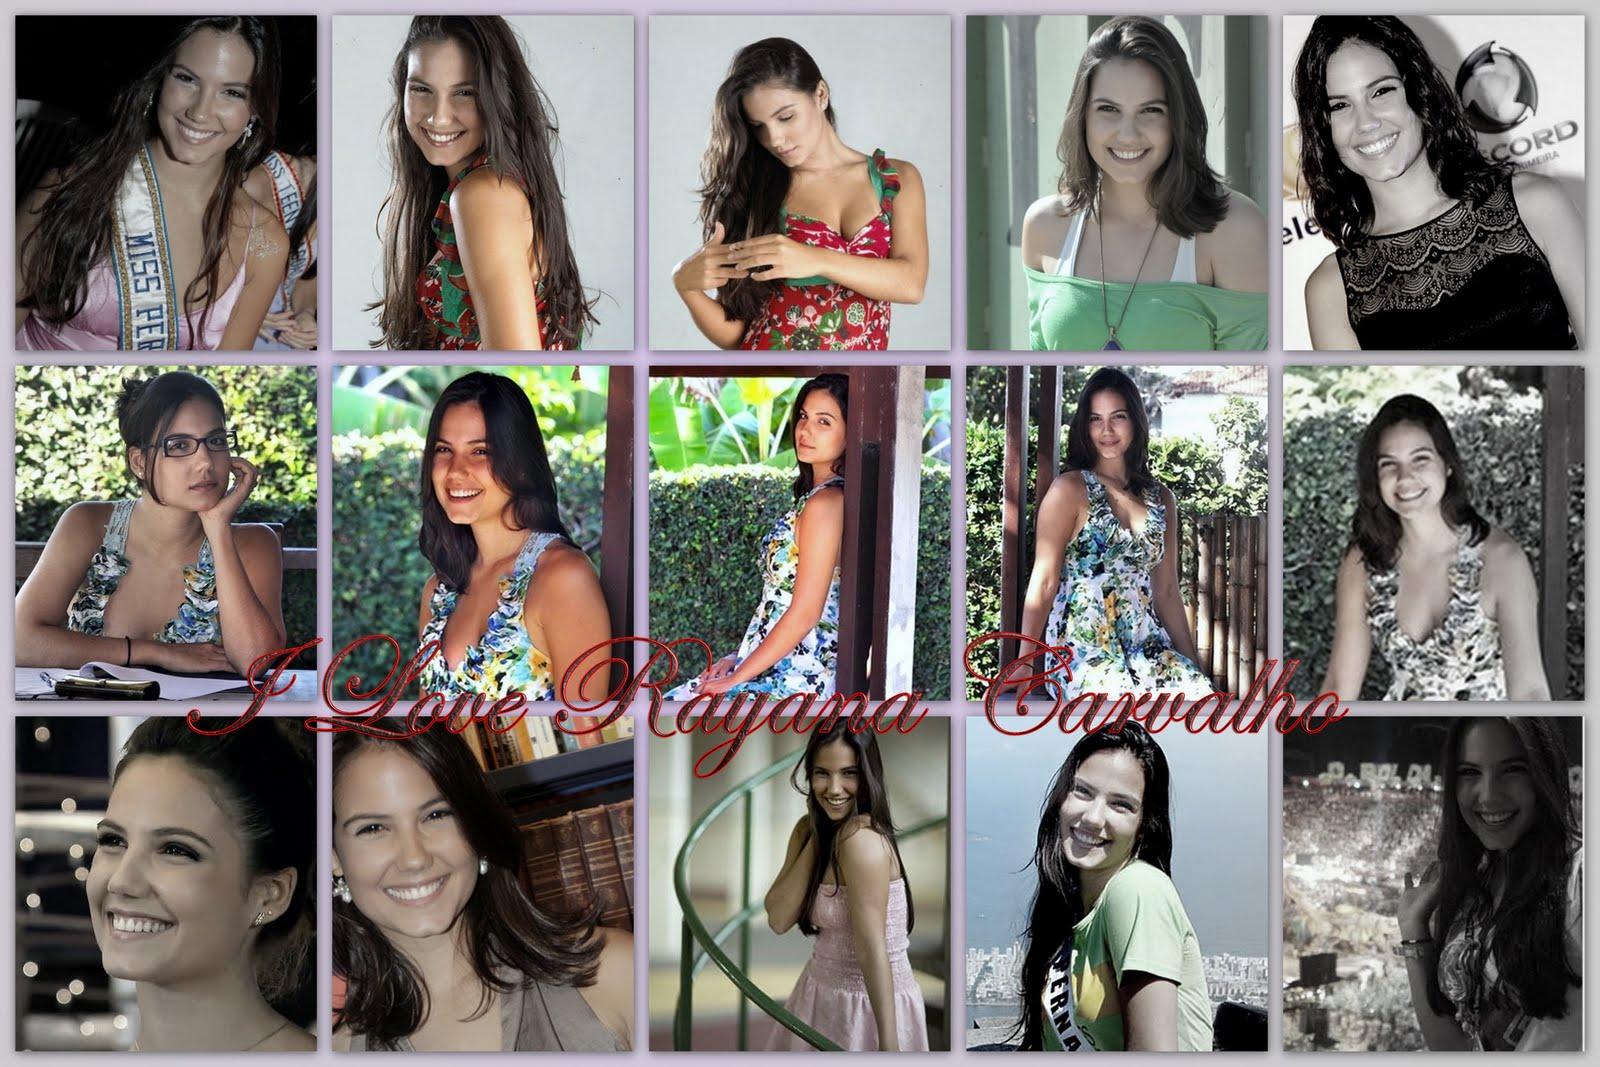 I ♥ Rayana Carvalho